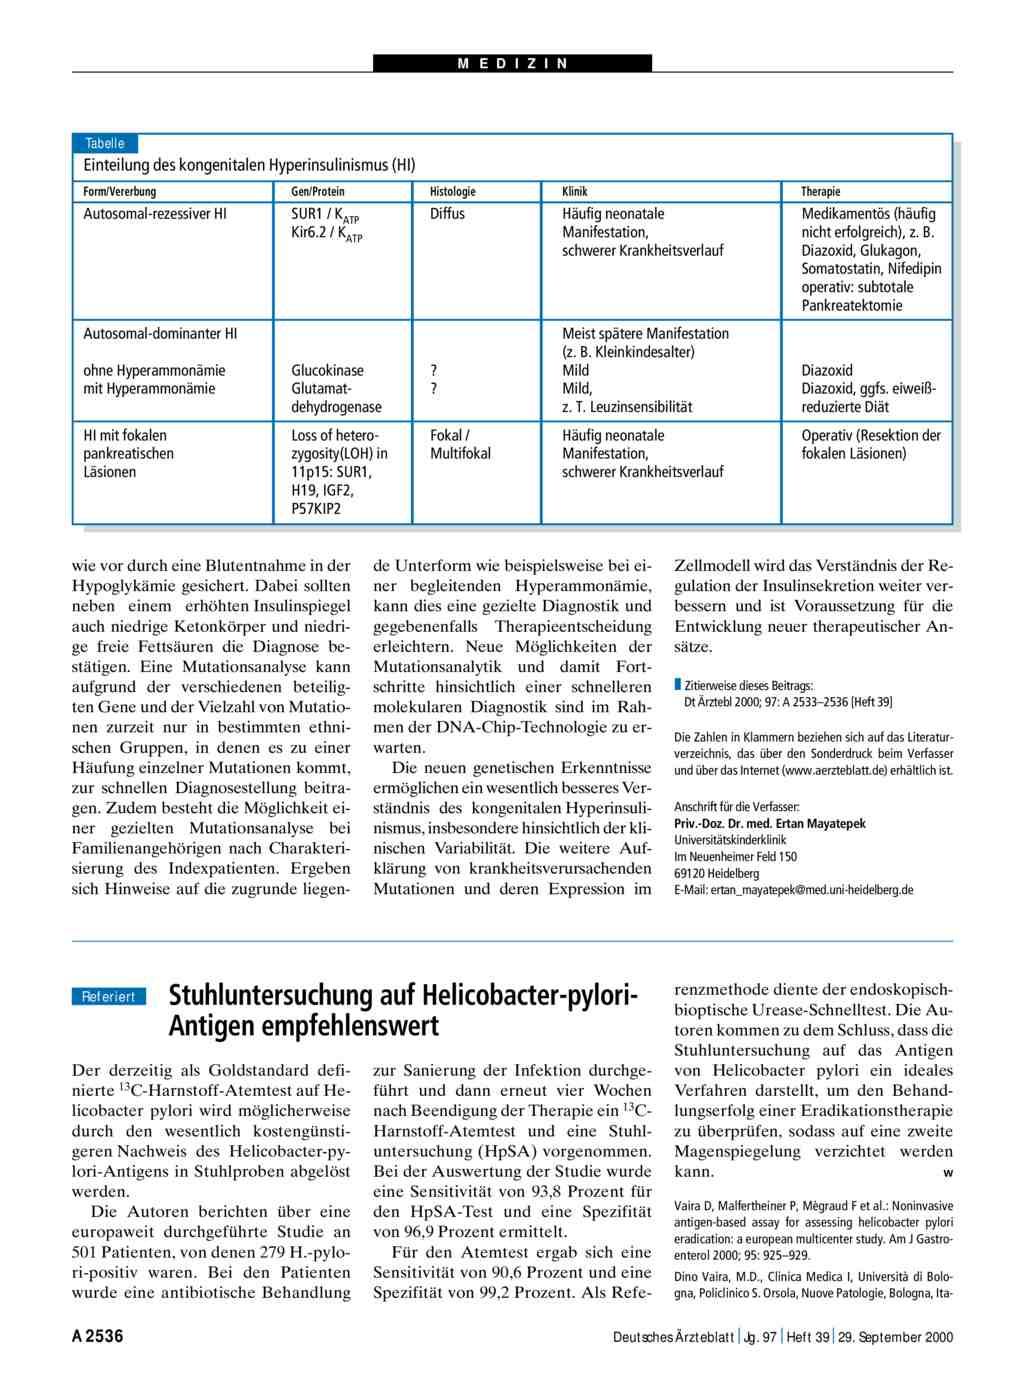 Stuhluntersuchung Auf Helicobacter Pylori Antigen Empfehlenswert